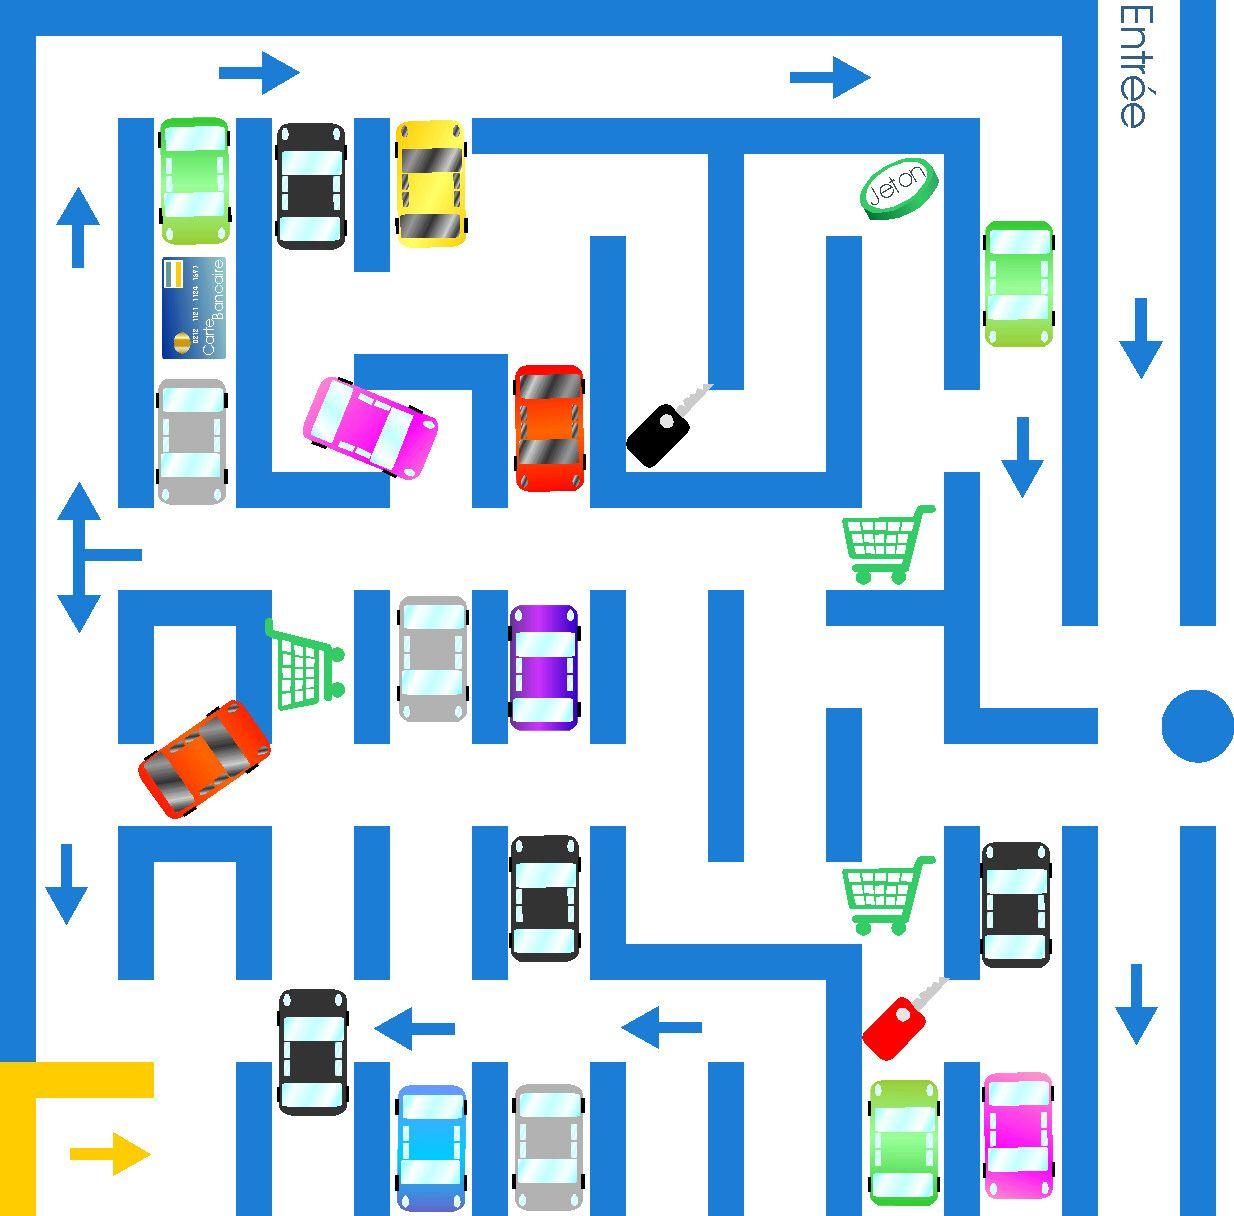 Labyrinthes Et Jeux A Imprimer Jeu De Logique Et R Flexion dedans Labyrinthes À Imprimer